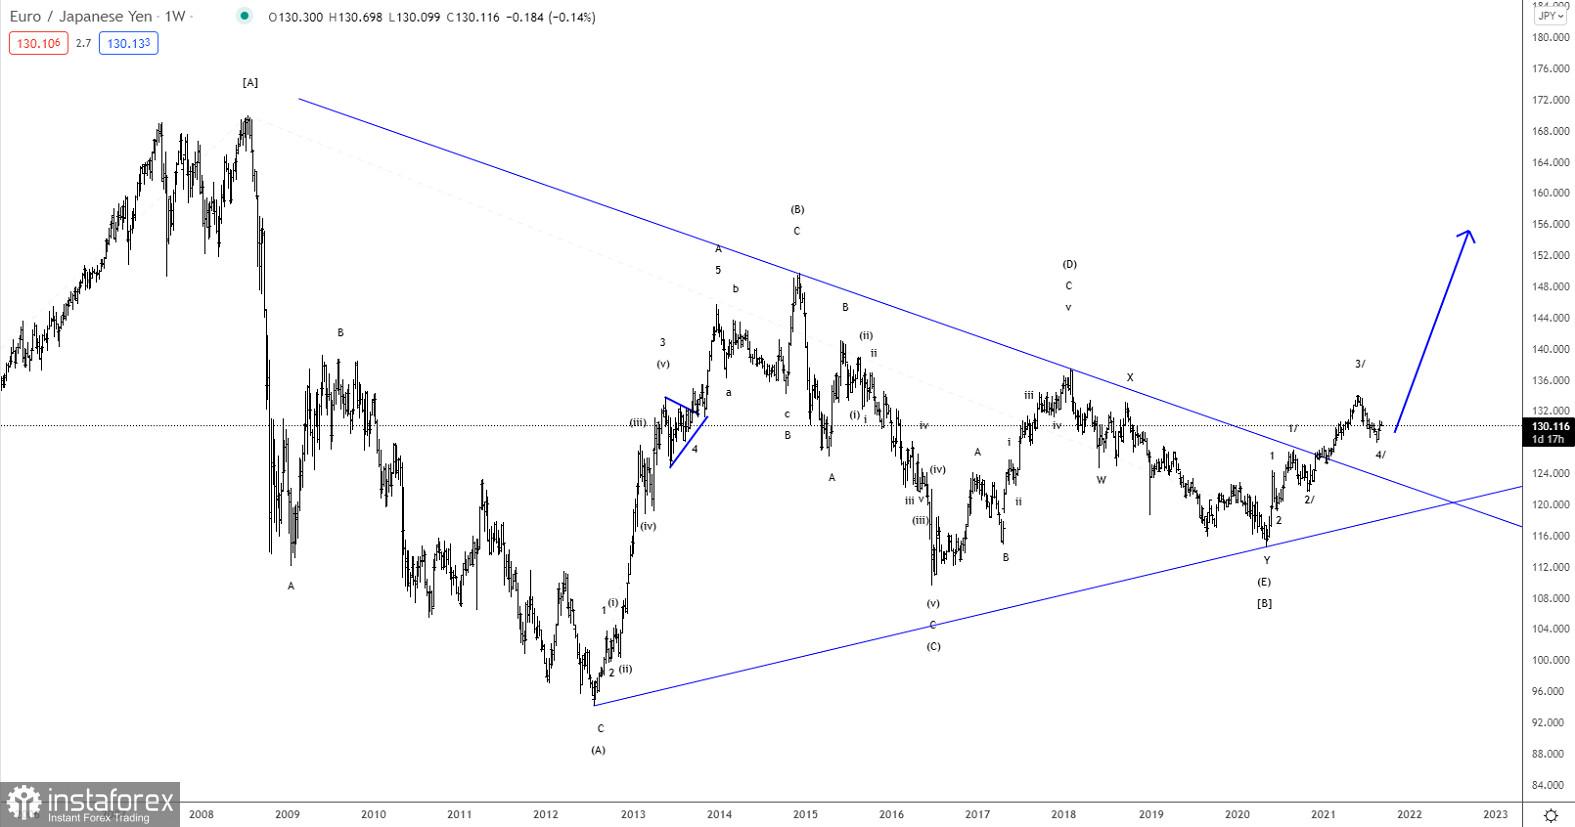 Elliott wave analysis of EUR/JPY for September 9, 2021